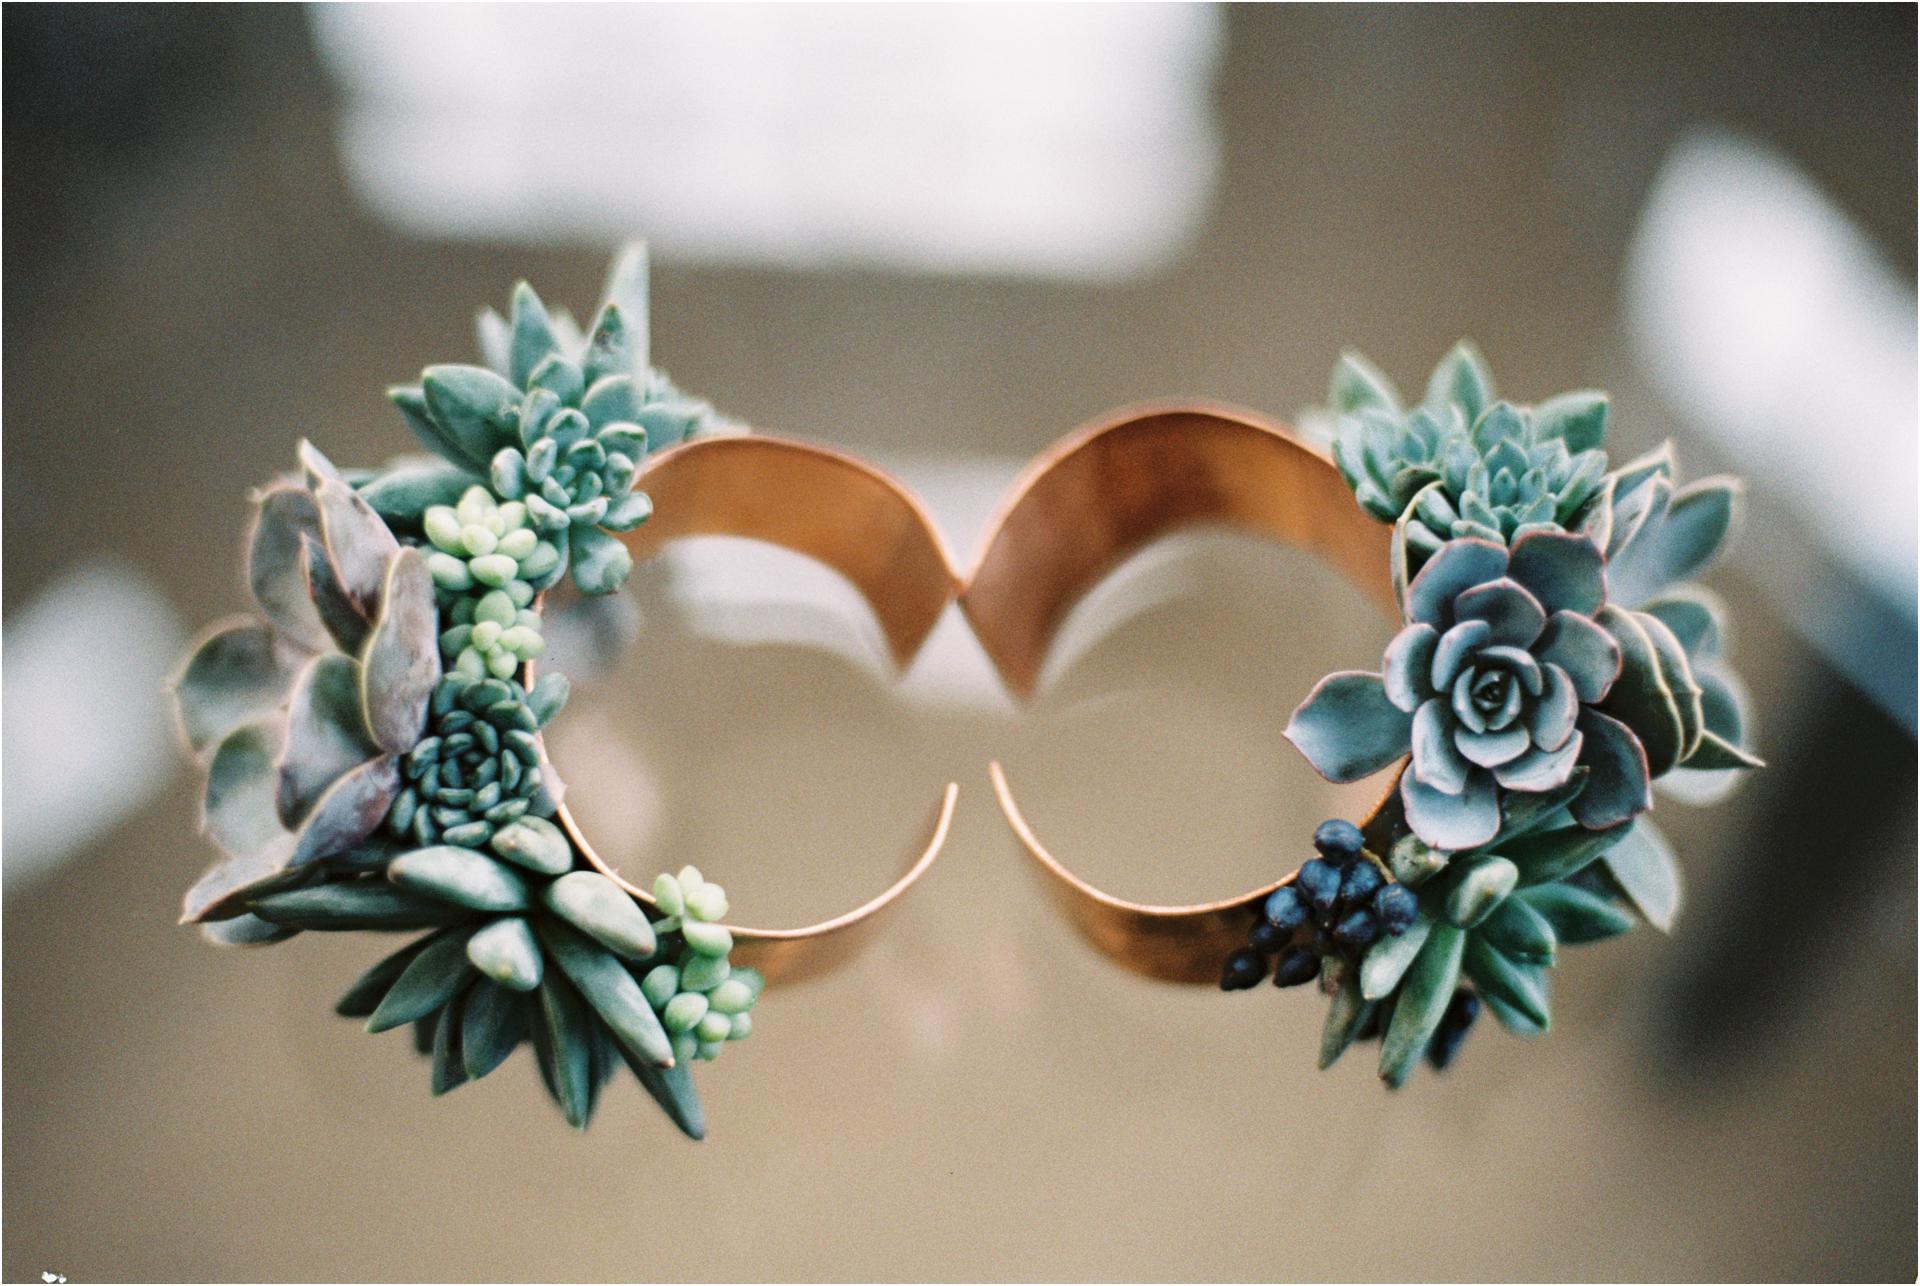 weddingsonfilmphotosbyzoe70